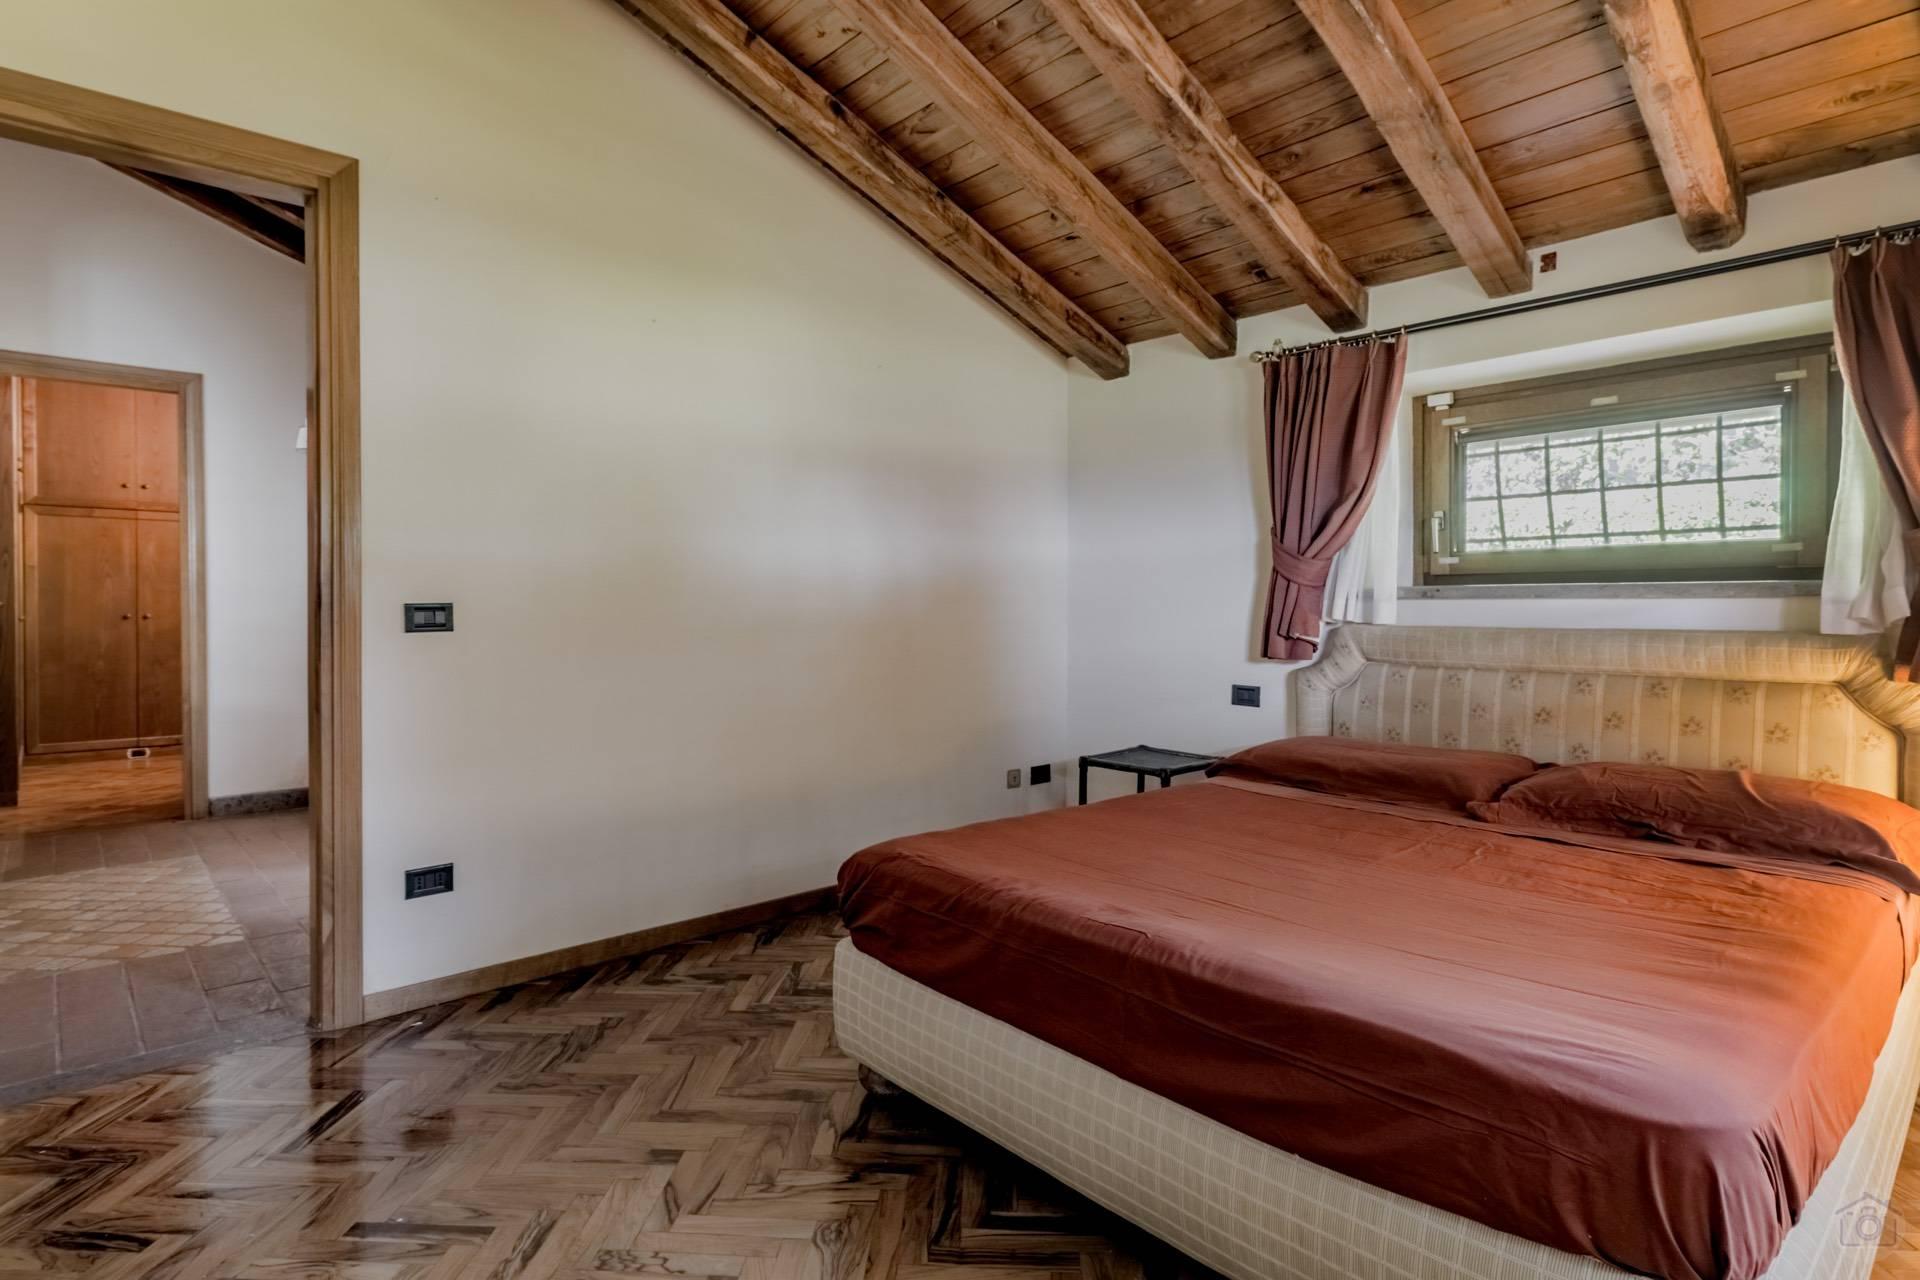 Villa in Vendita a Sacrofano: 5 locali, 180 mq - Foto 12